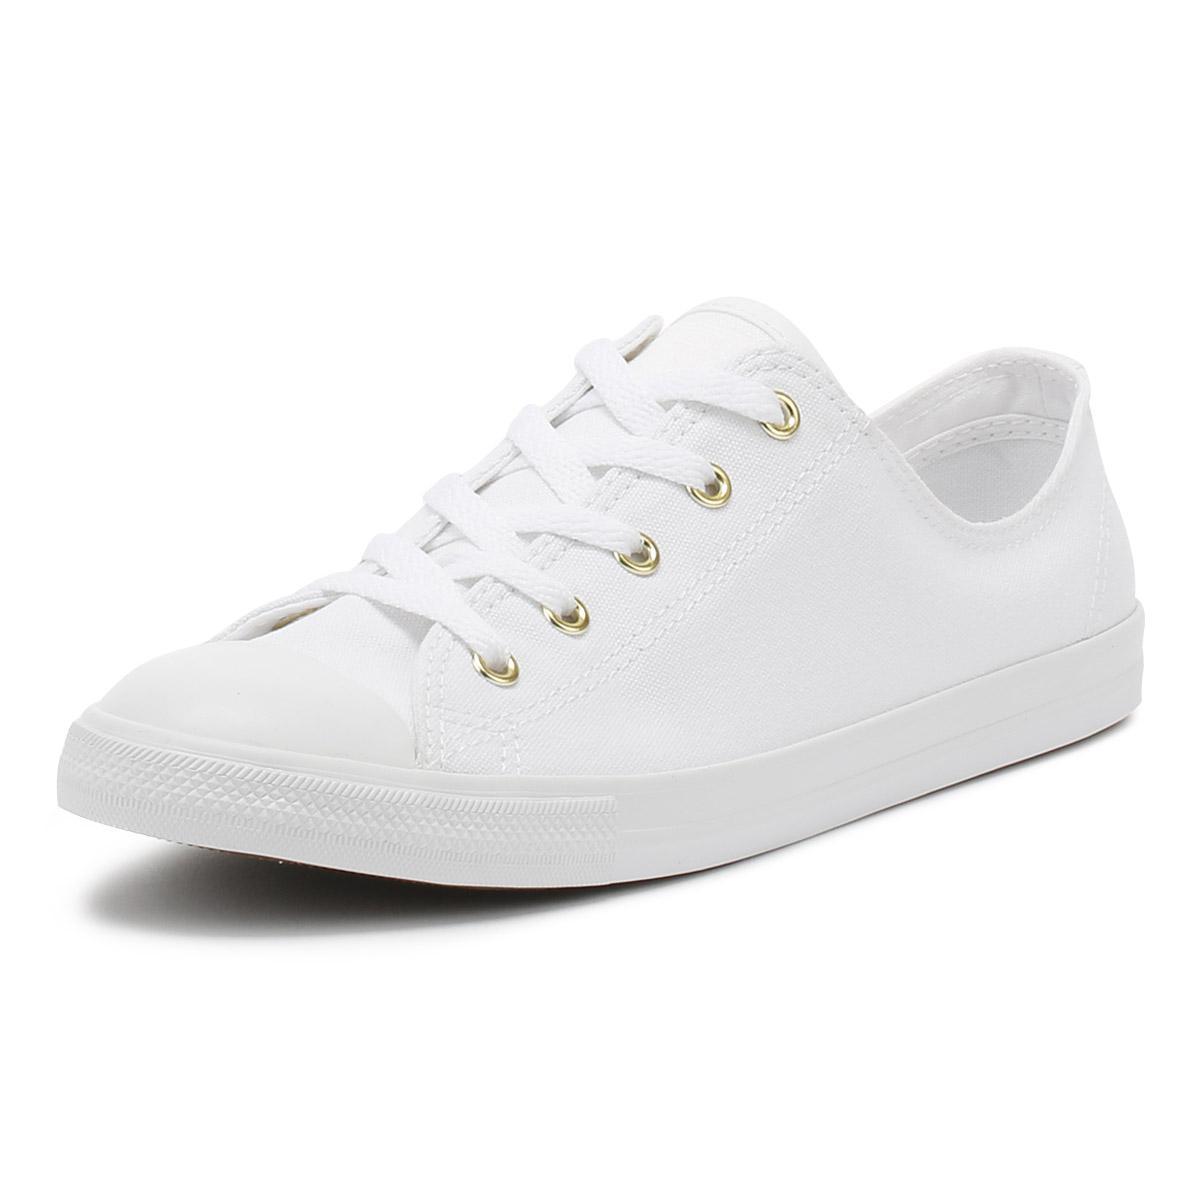 effb54ef42b3b Converse Chuck Taylor All Star Womens White   Gold Dainty Ox ...